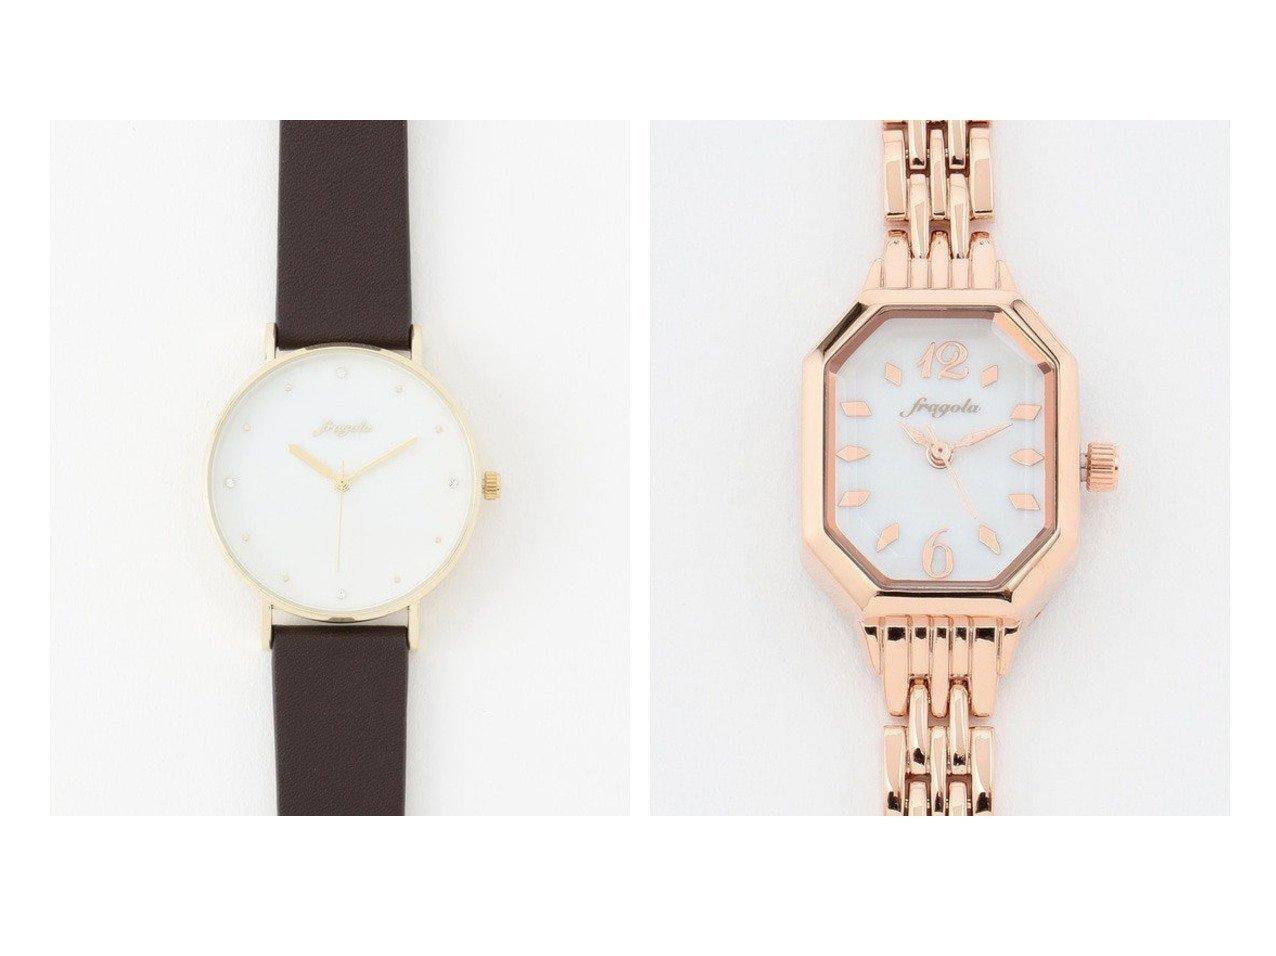 【any SiS/エニィ スィス】のサークルフレーム ウォッチ (腕時計)&メタルバンドデザイン ウォッチ(腕時計) おすすめ!人気、トレンド・レディースファッションの通販 おすすめで人気の流行・トレンド、ファッションの通販商品 メンズファッション・キッズファッション・インテリア・家具・レディースファッション・服の通販 founy(ファニー) https://founy.com/ ファッション Fashion レディースファッション WOMEN 送料無料 Free Shipping ウォッチ サークル フェミニン フレーム 時計 腕時計 |ID:crp329100000013868